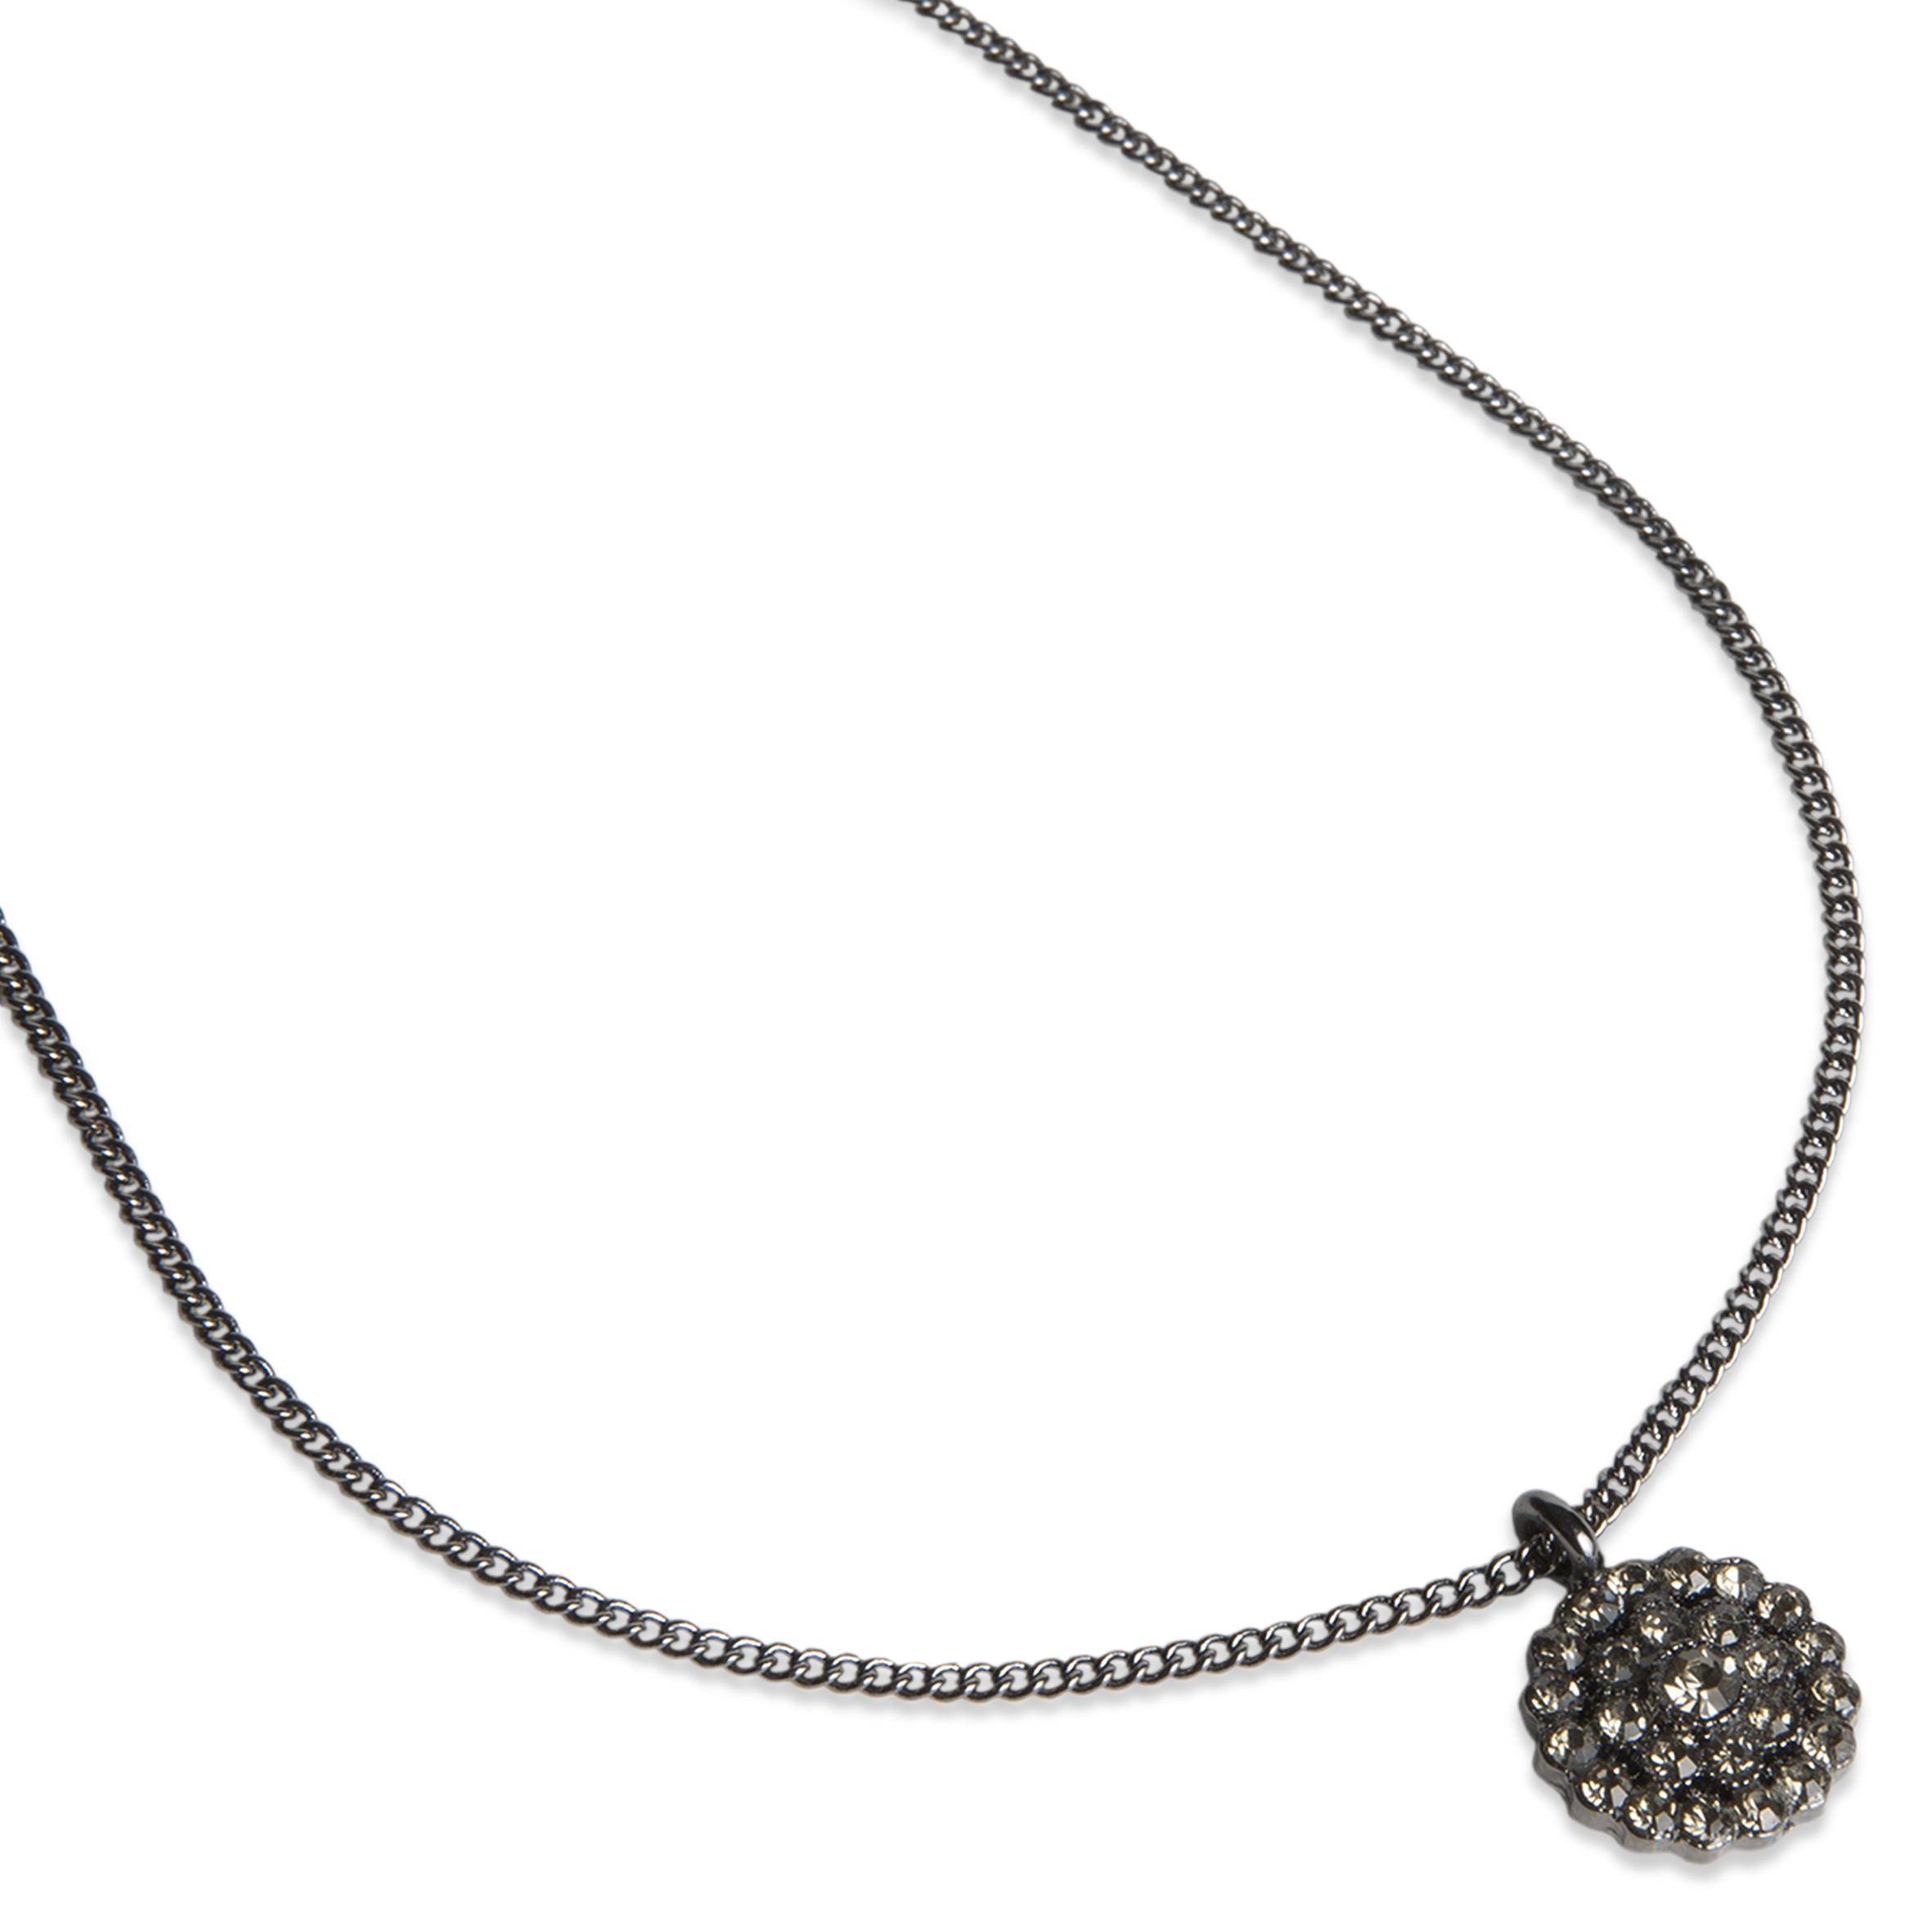 Damsmycke pfg Stockholm Pearls for Girls-Amie Necklace 45 cm 90915-11